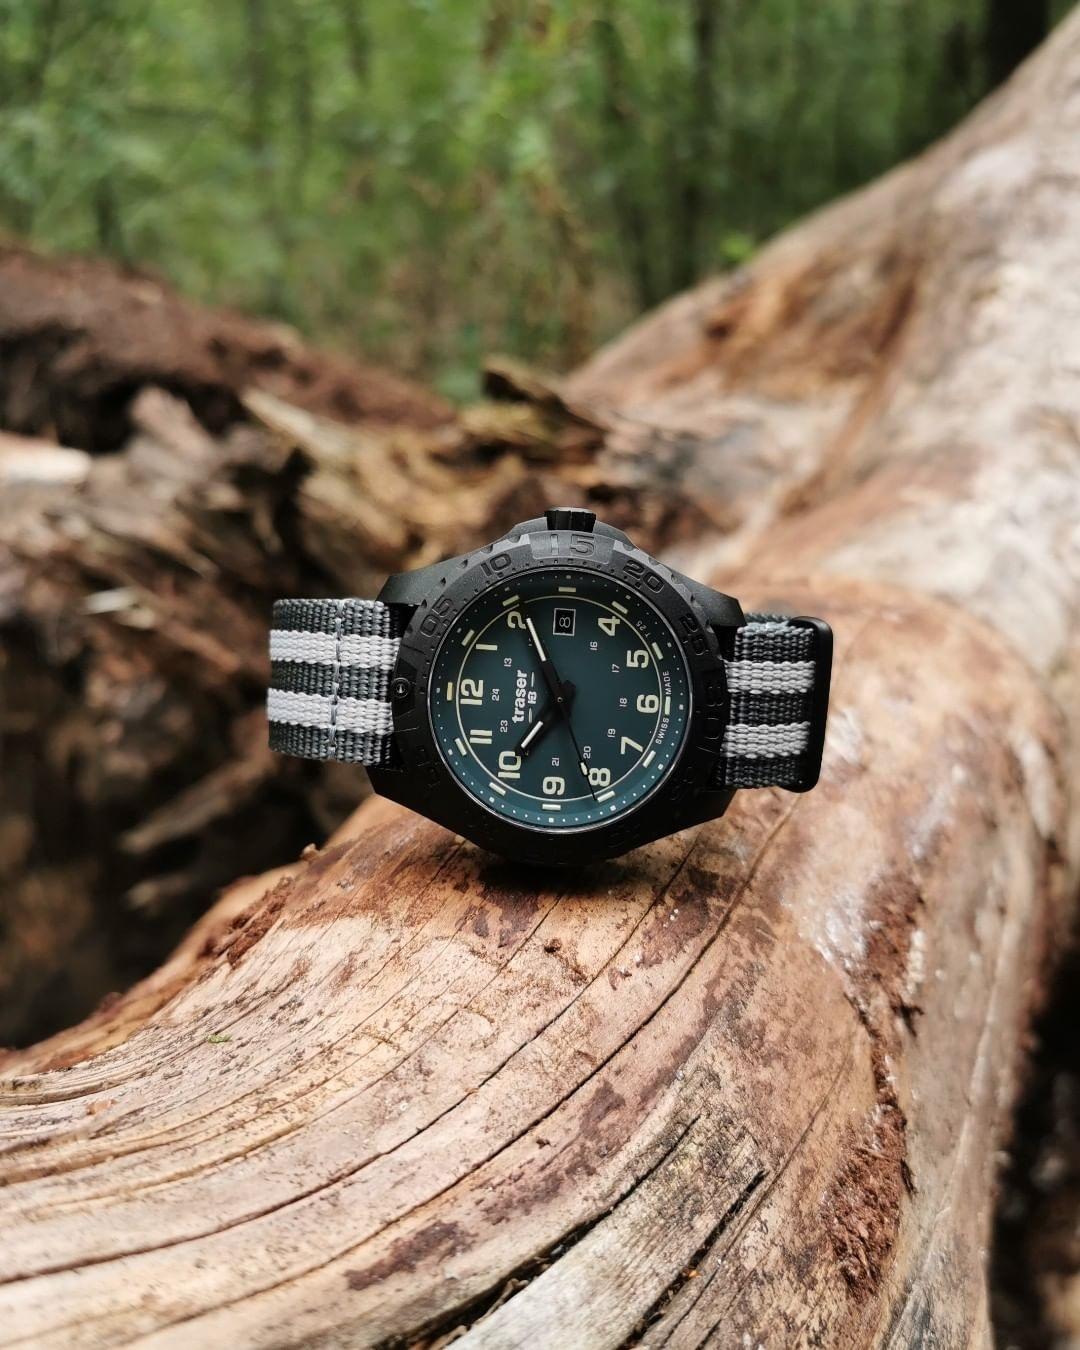 Zegarek męski Traser p96 outdoor pioneer evolution TS-109037 - duże 1